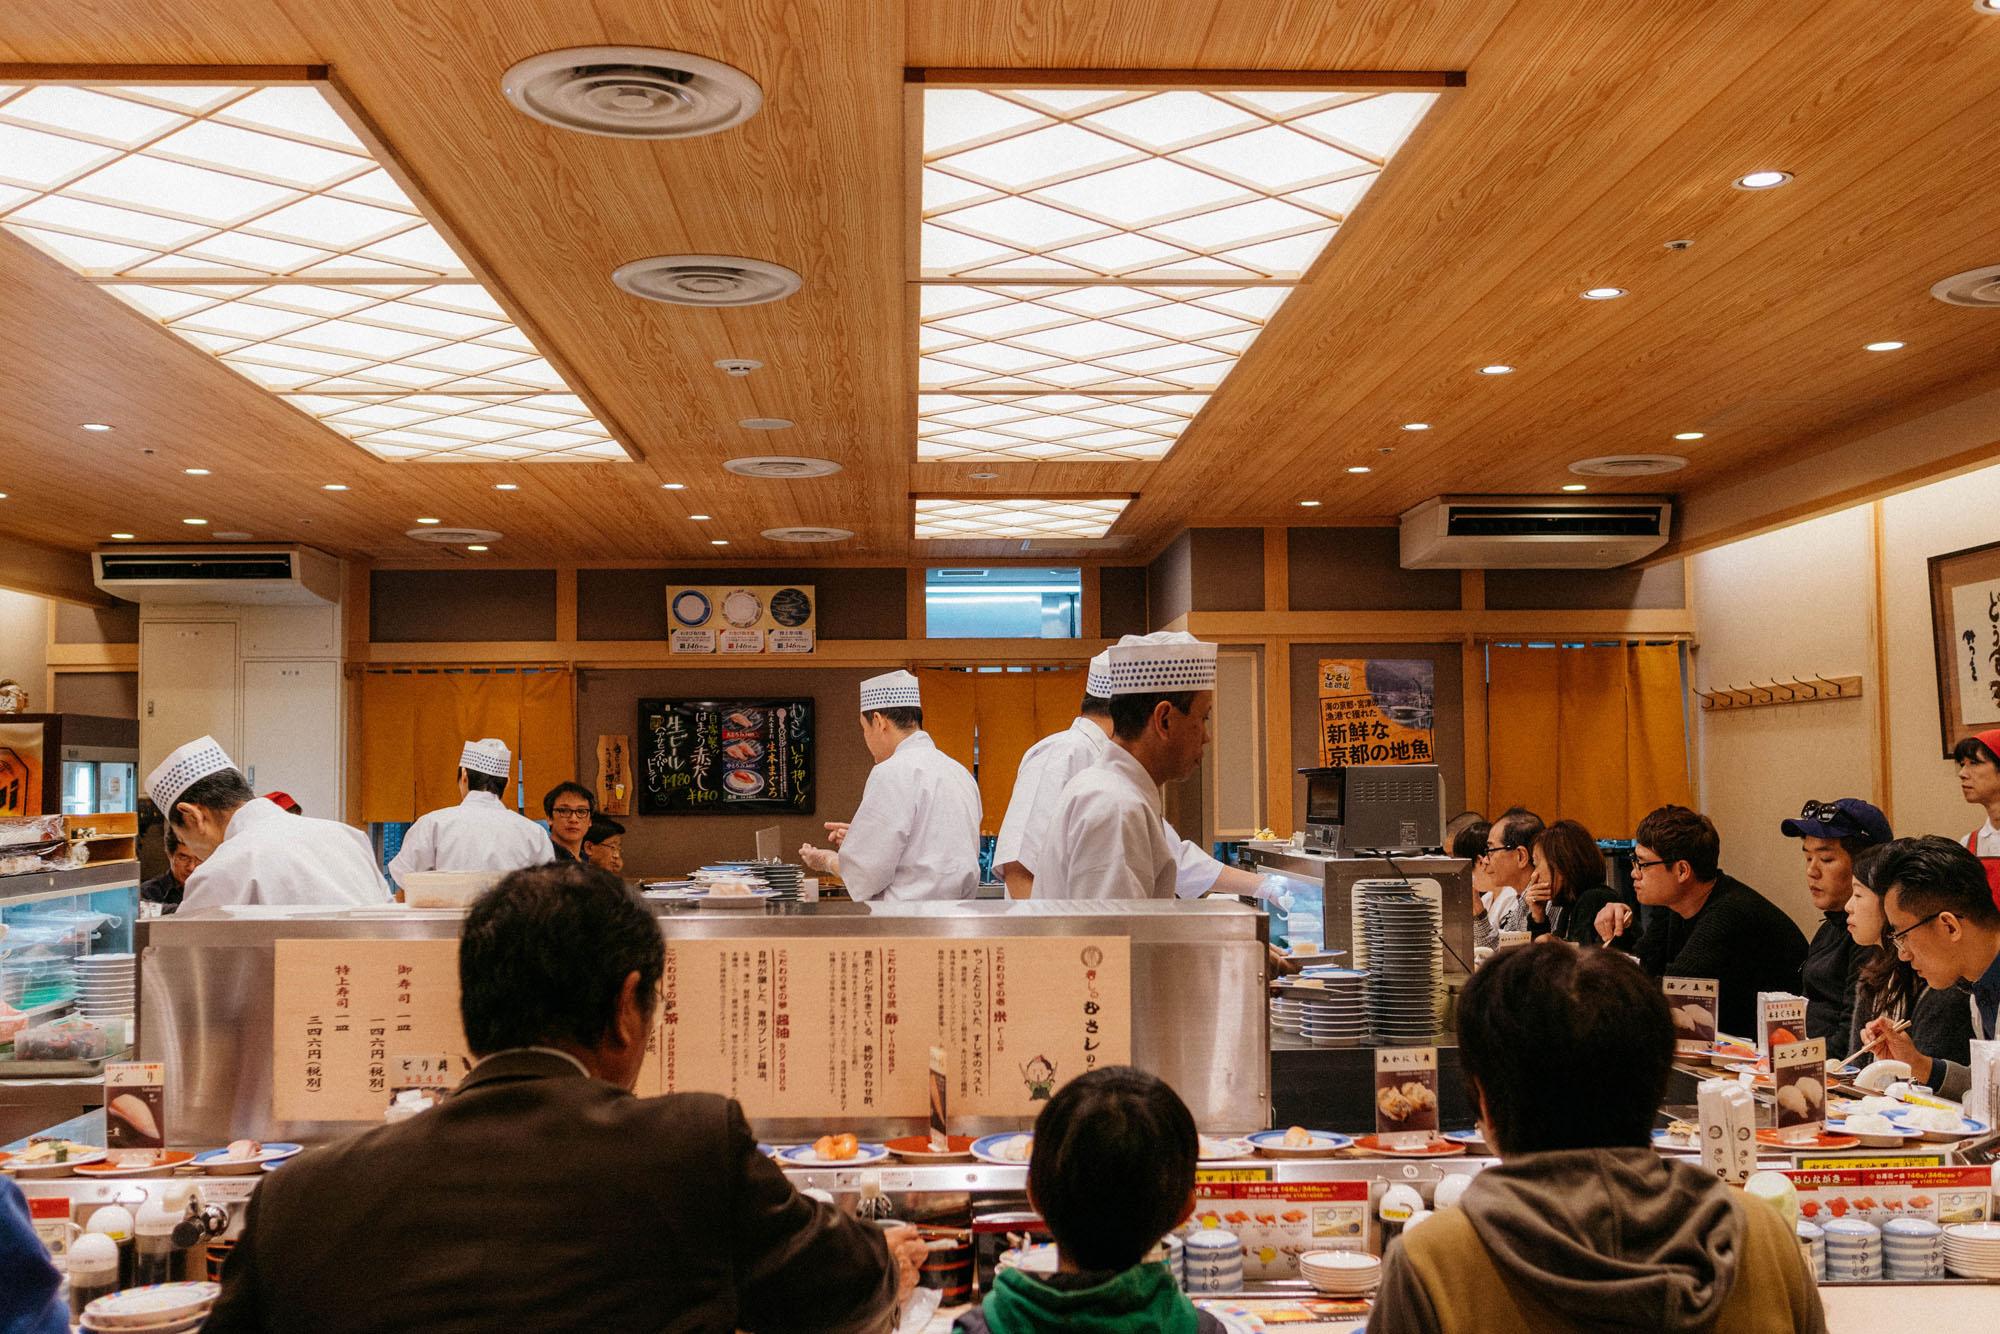 Quick last meal at Kyoto Station – really good conveyor belt sushi at  Sushi no Musashi